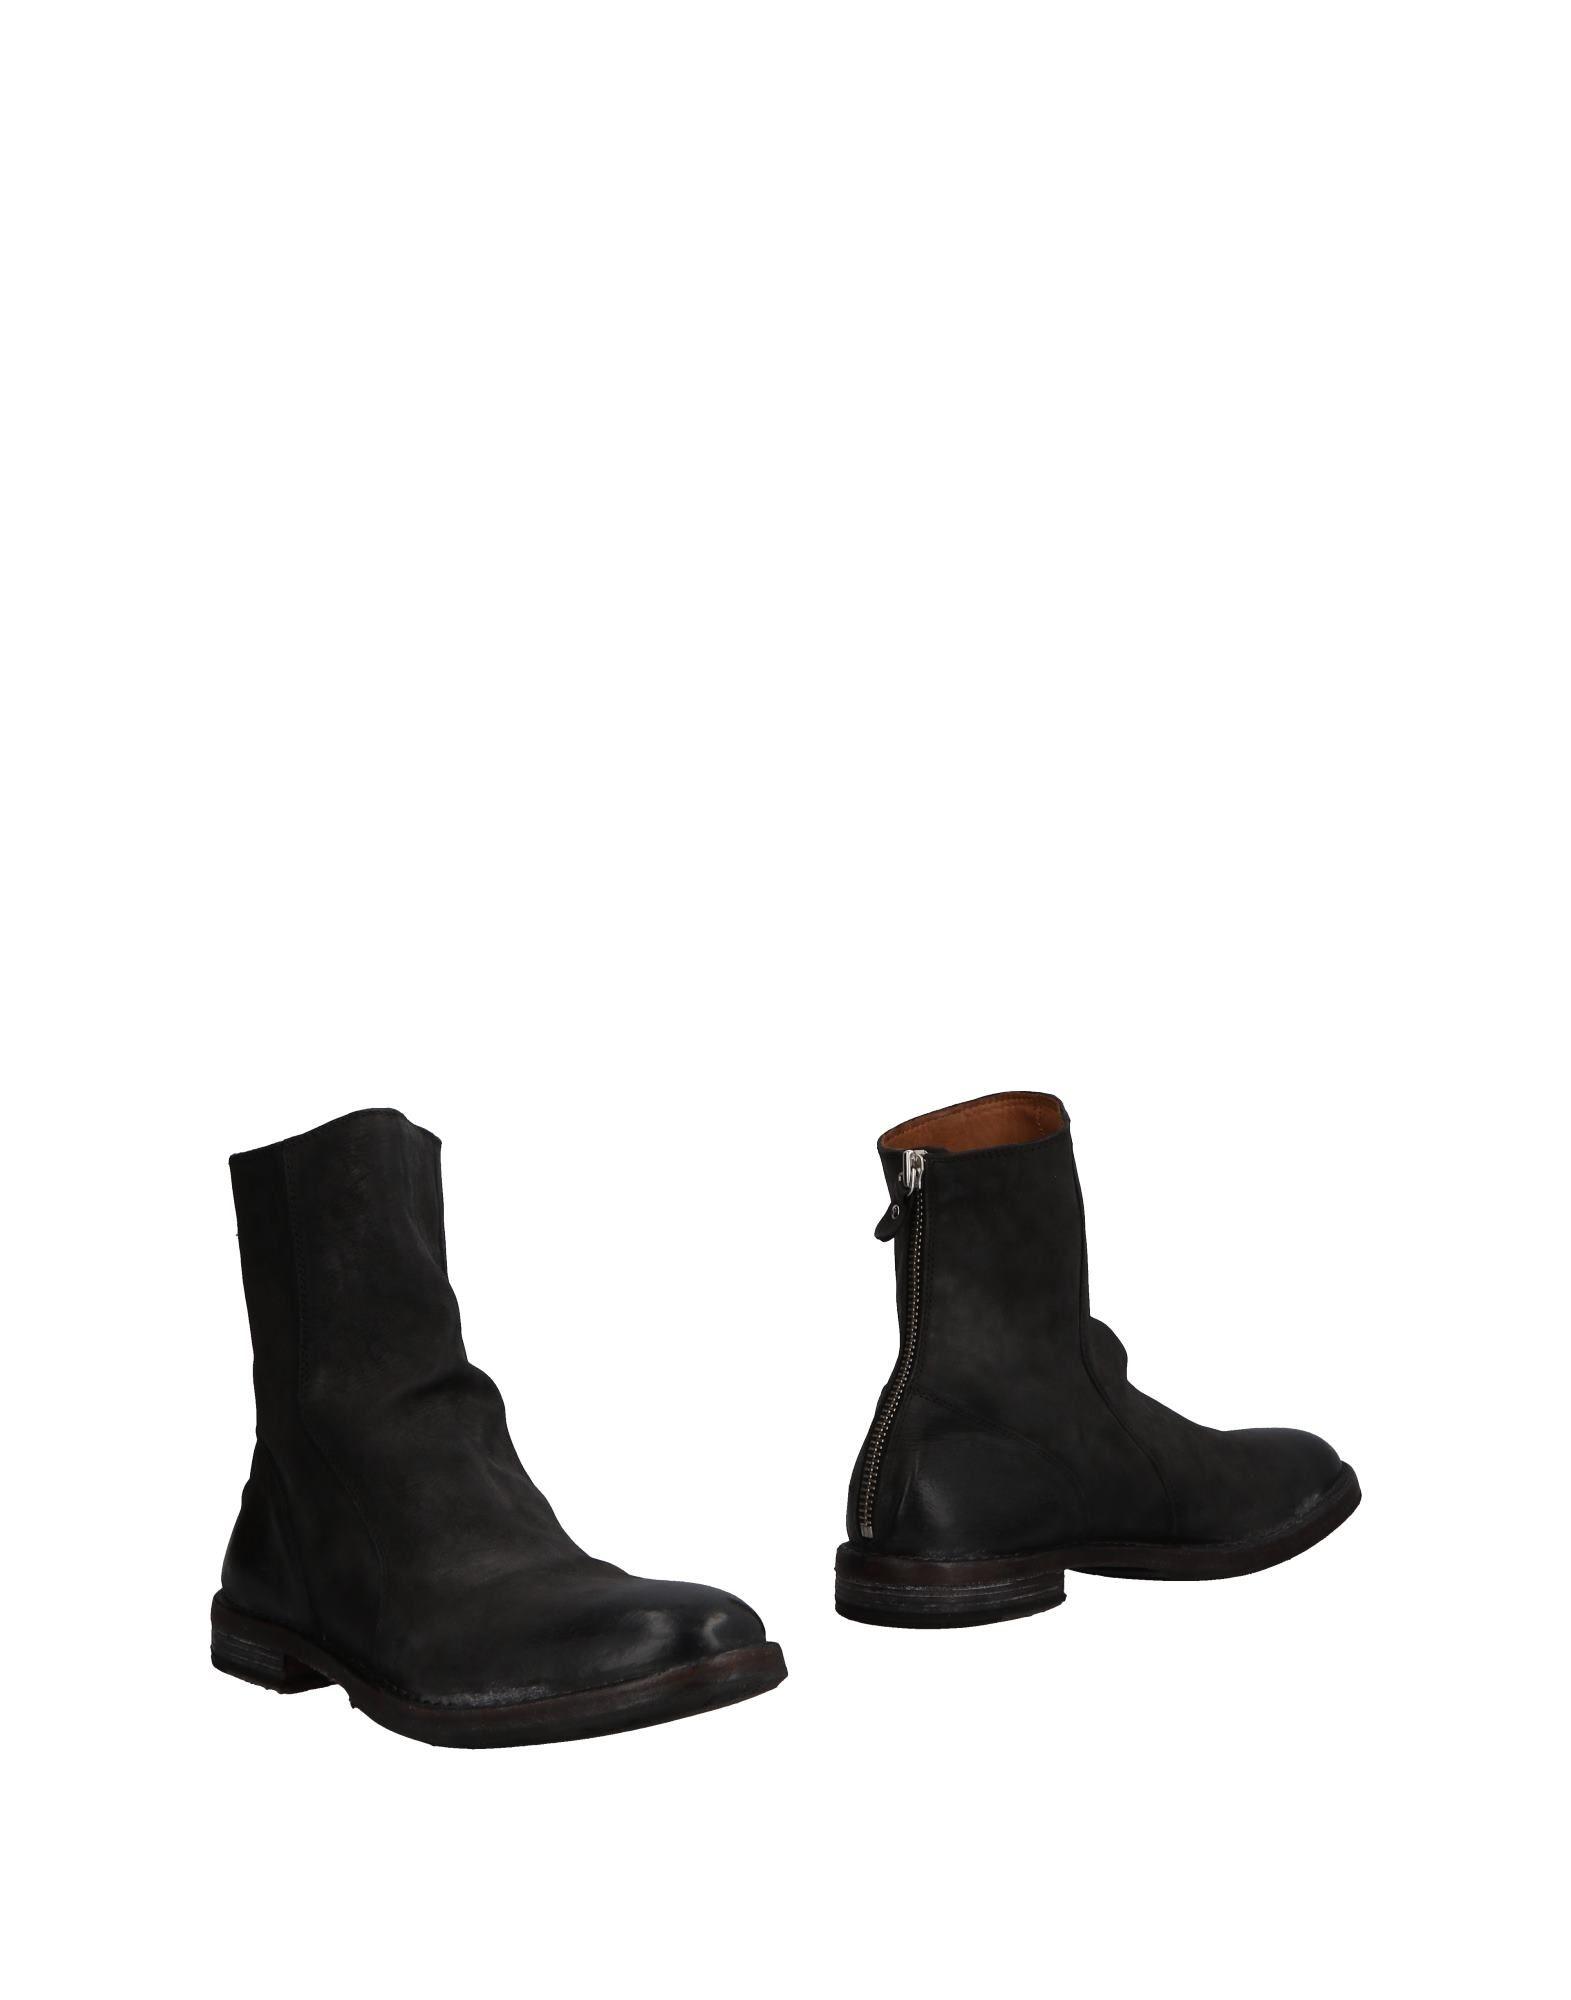 Moma Stiefelette Herren  11505503LU Gute Qualität beliebte Schuhe